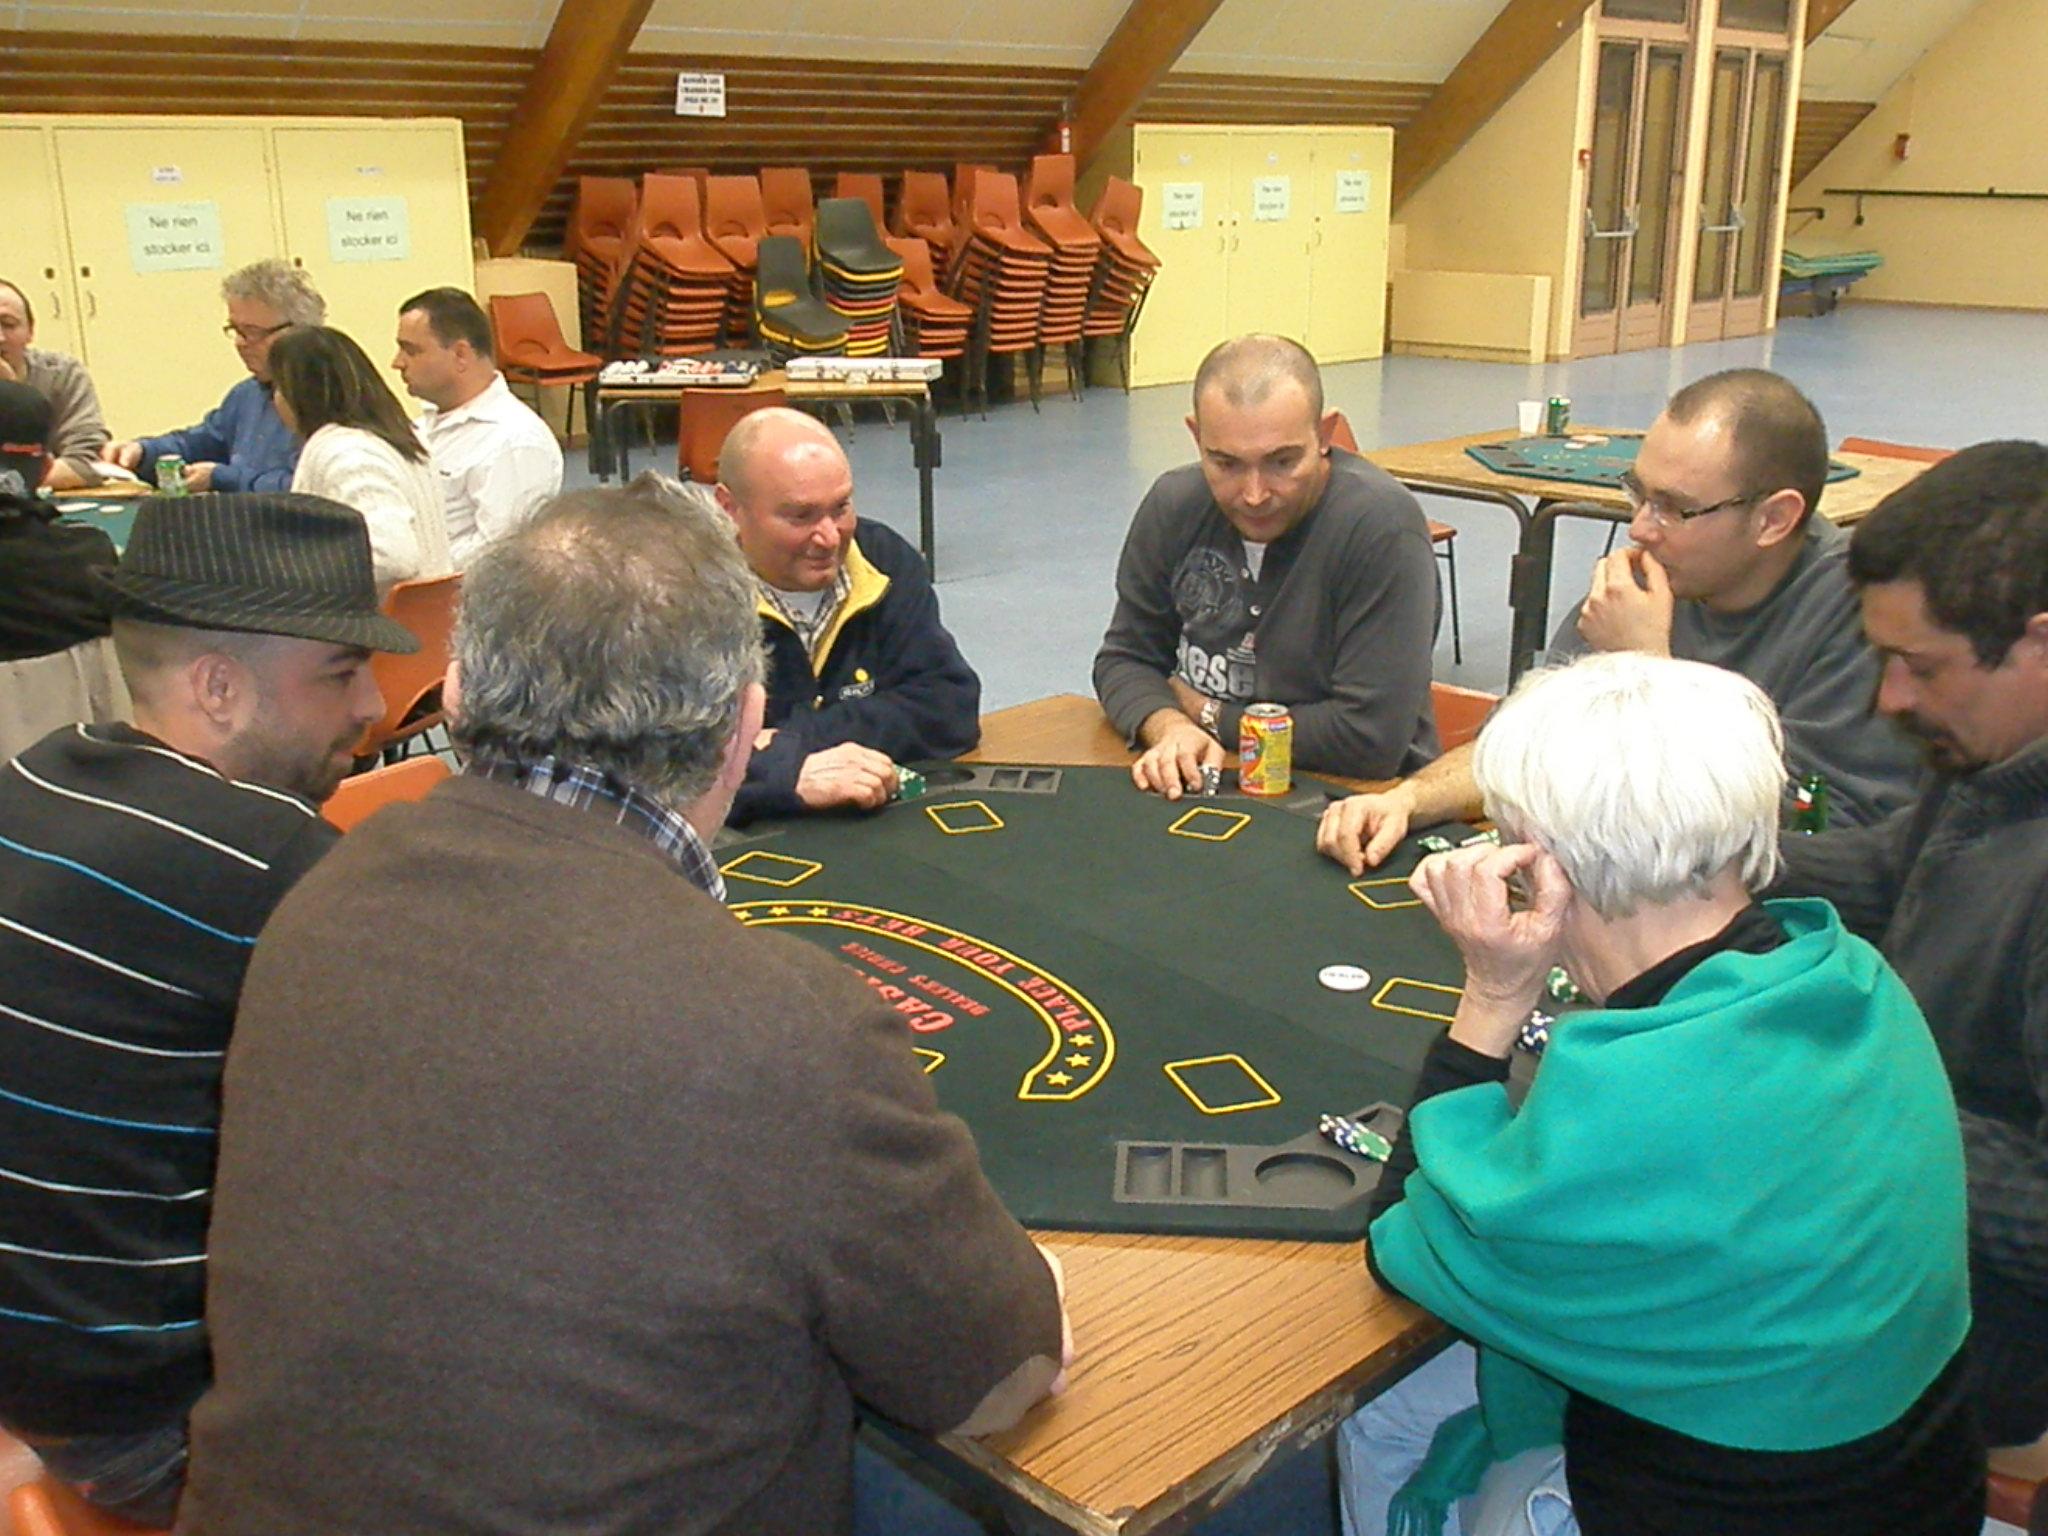 TOURNOIS DU 25/02/2012